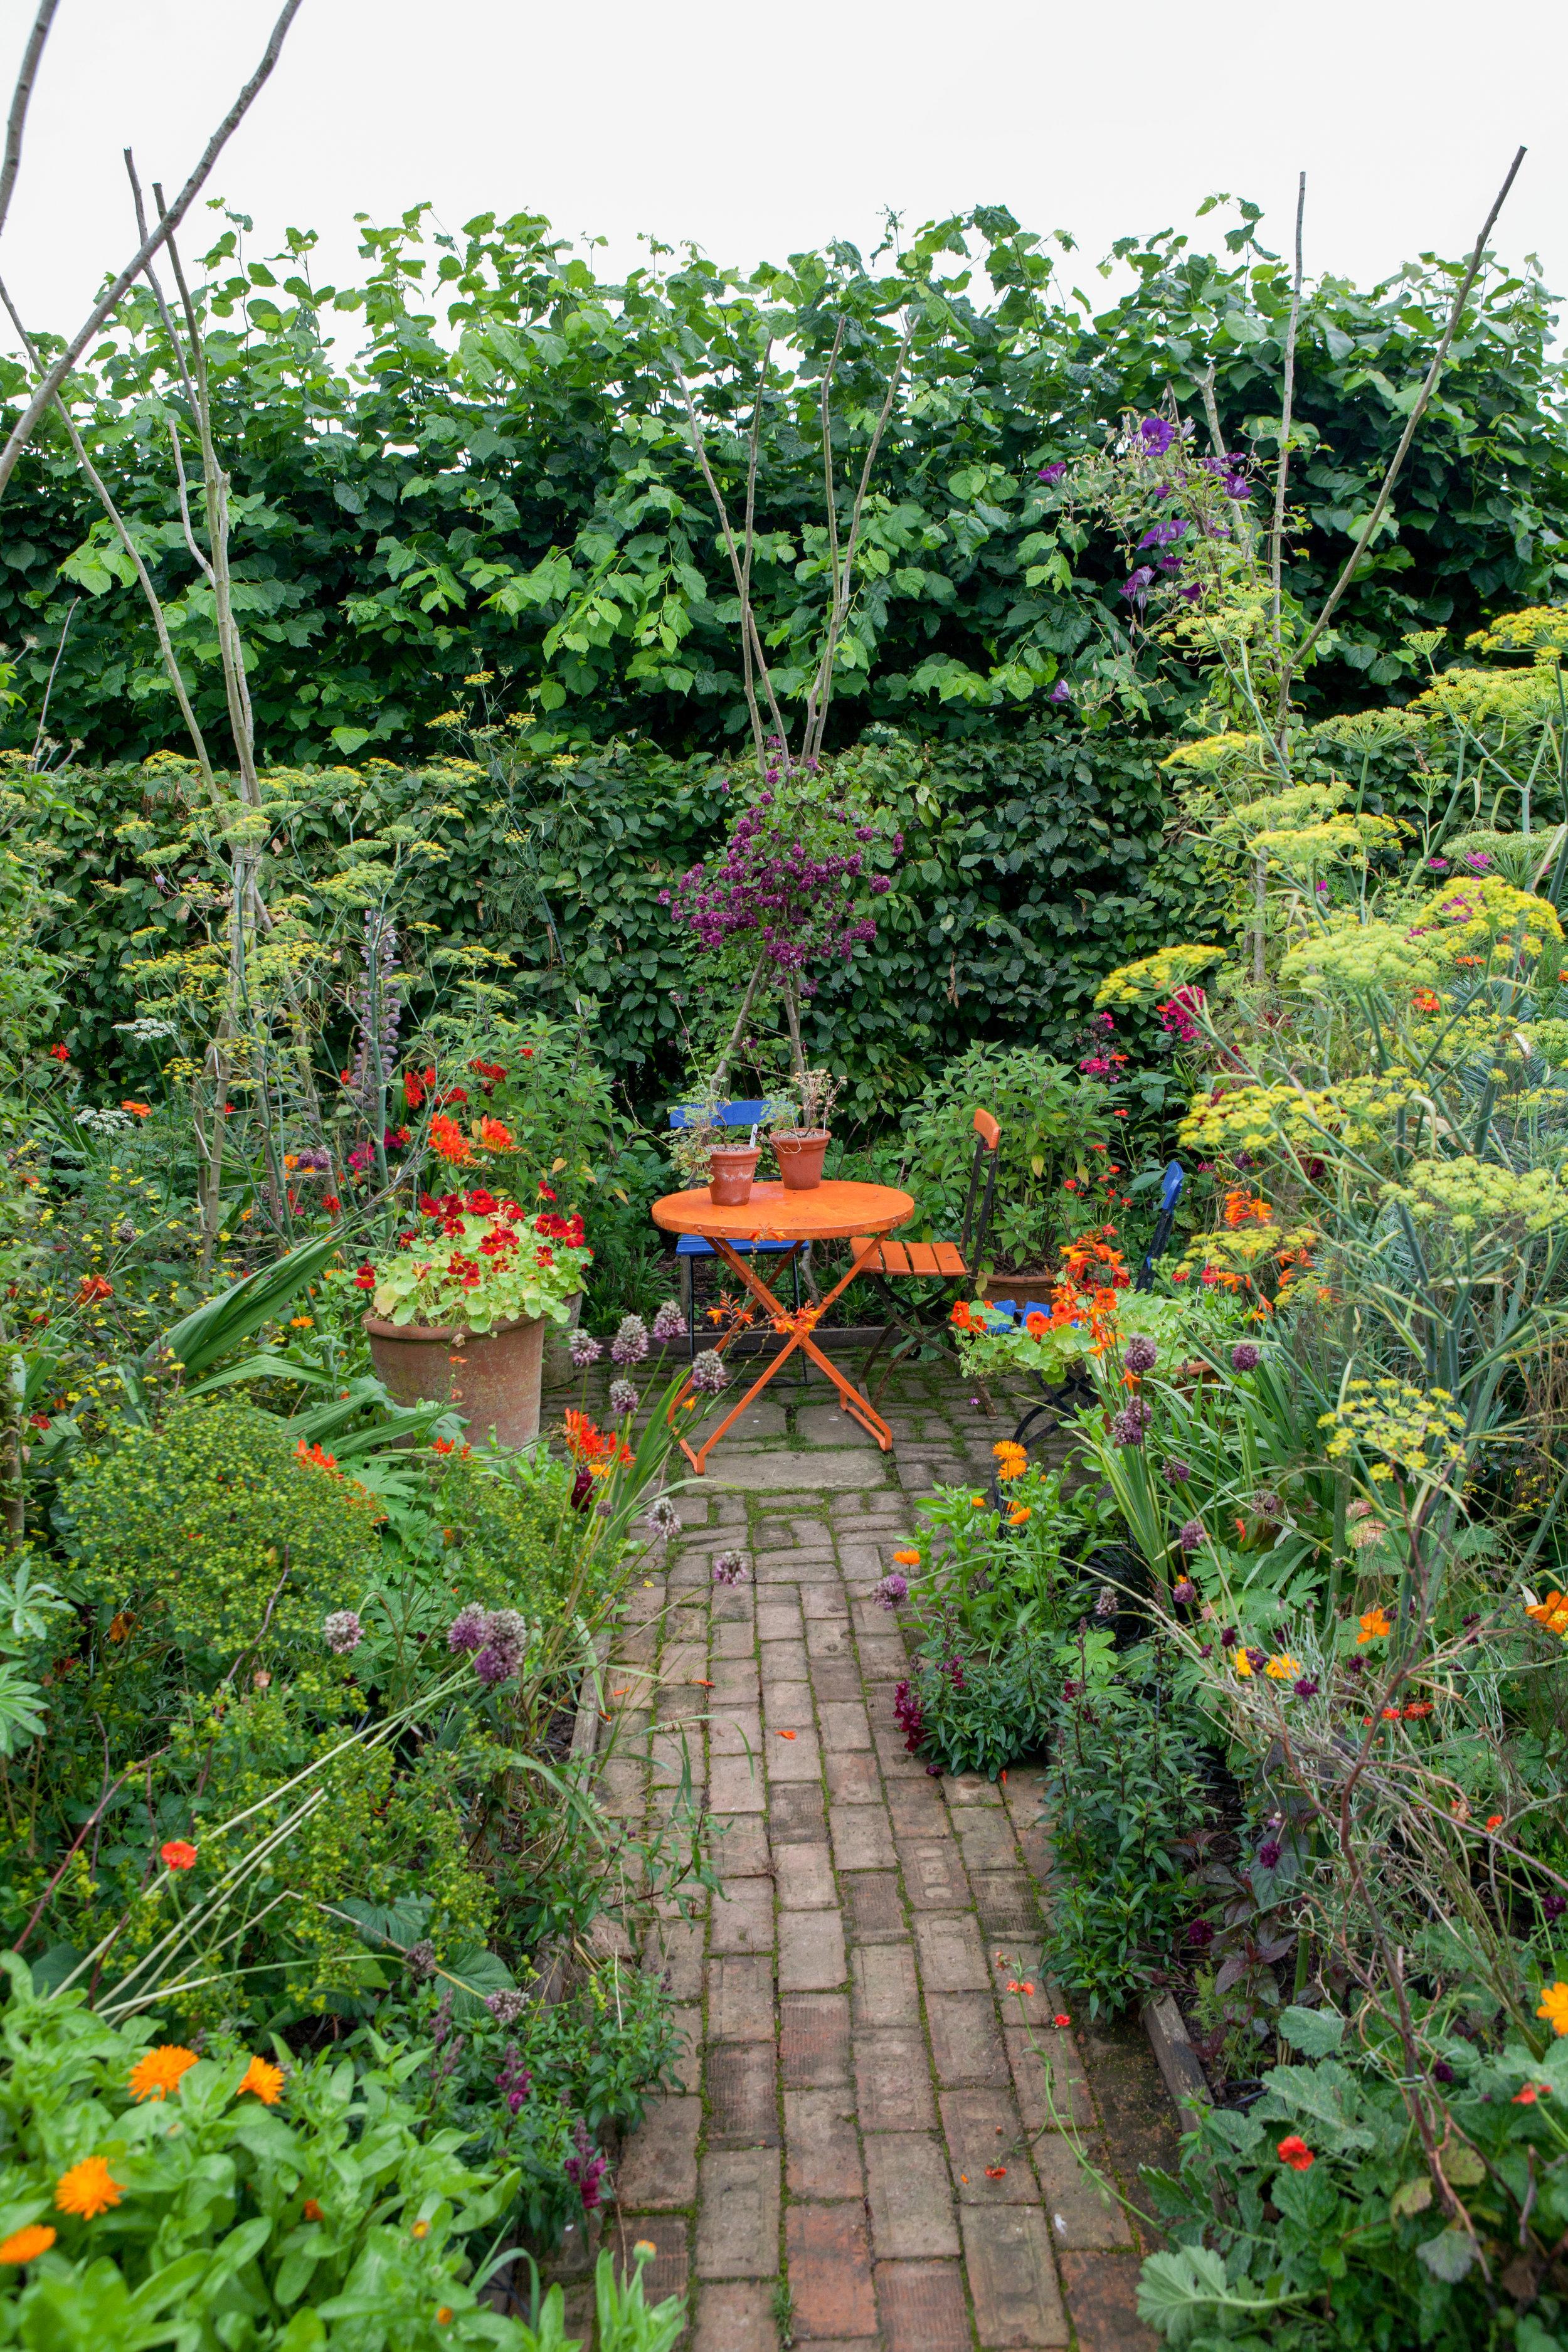 20120822-Longmeadow garden august-13.jpg